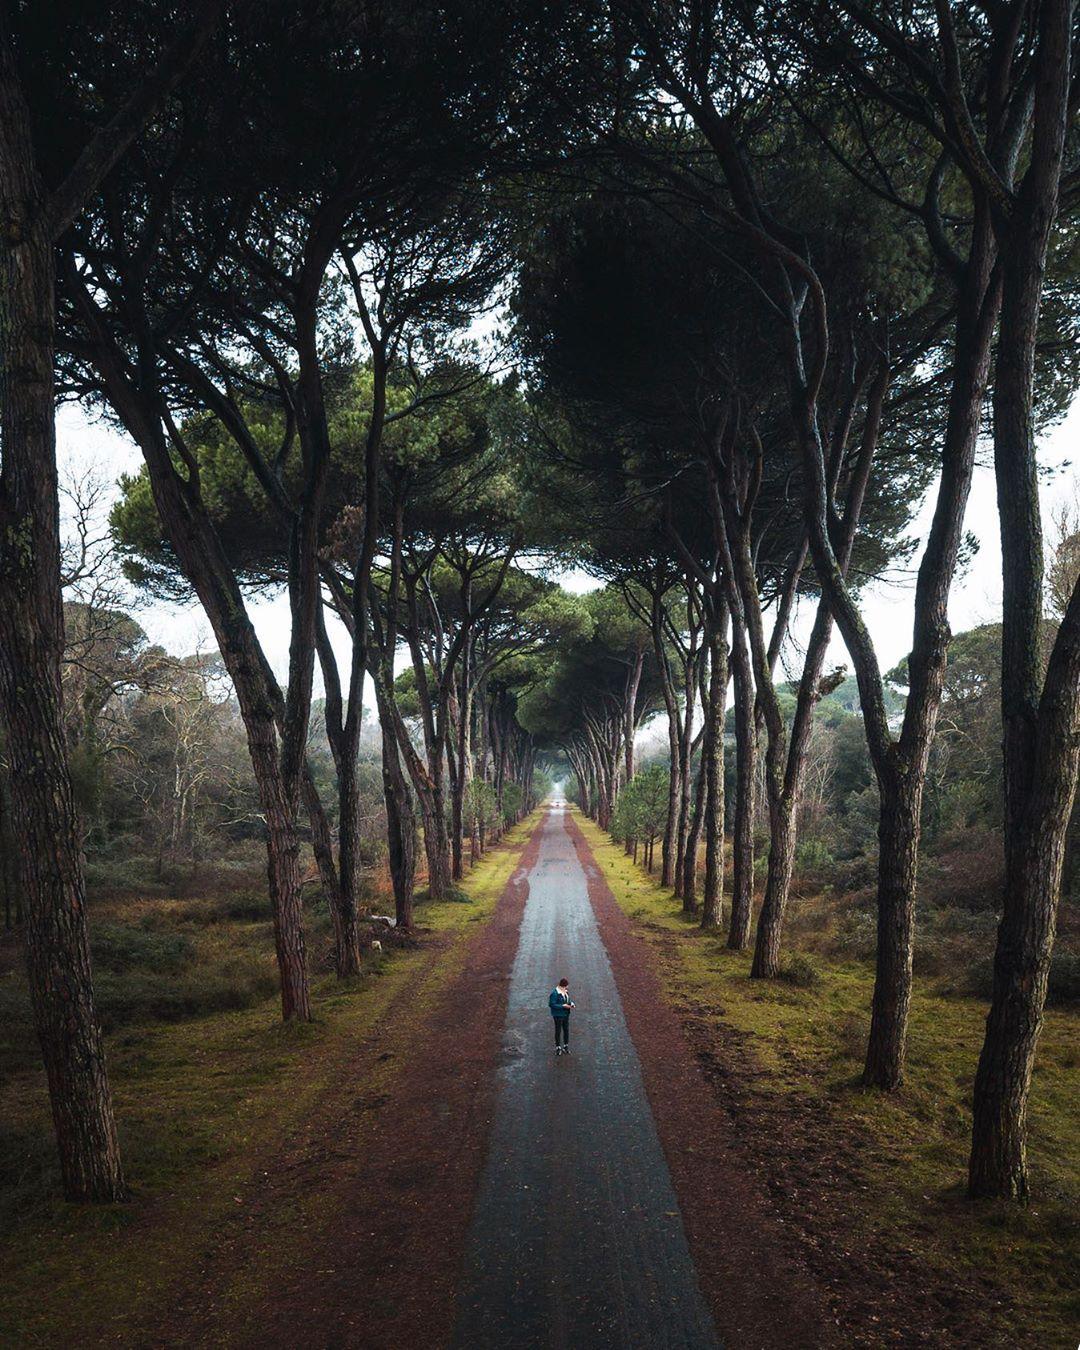 Пейзажи и приключения на снимках Тома Юэнеманна